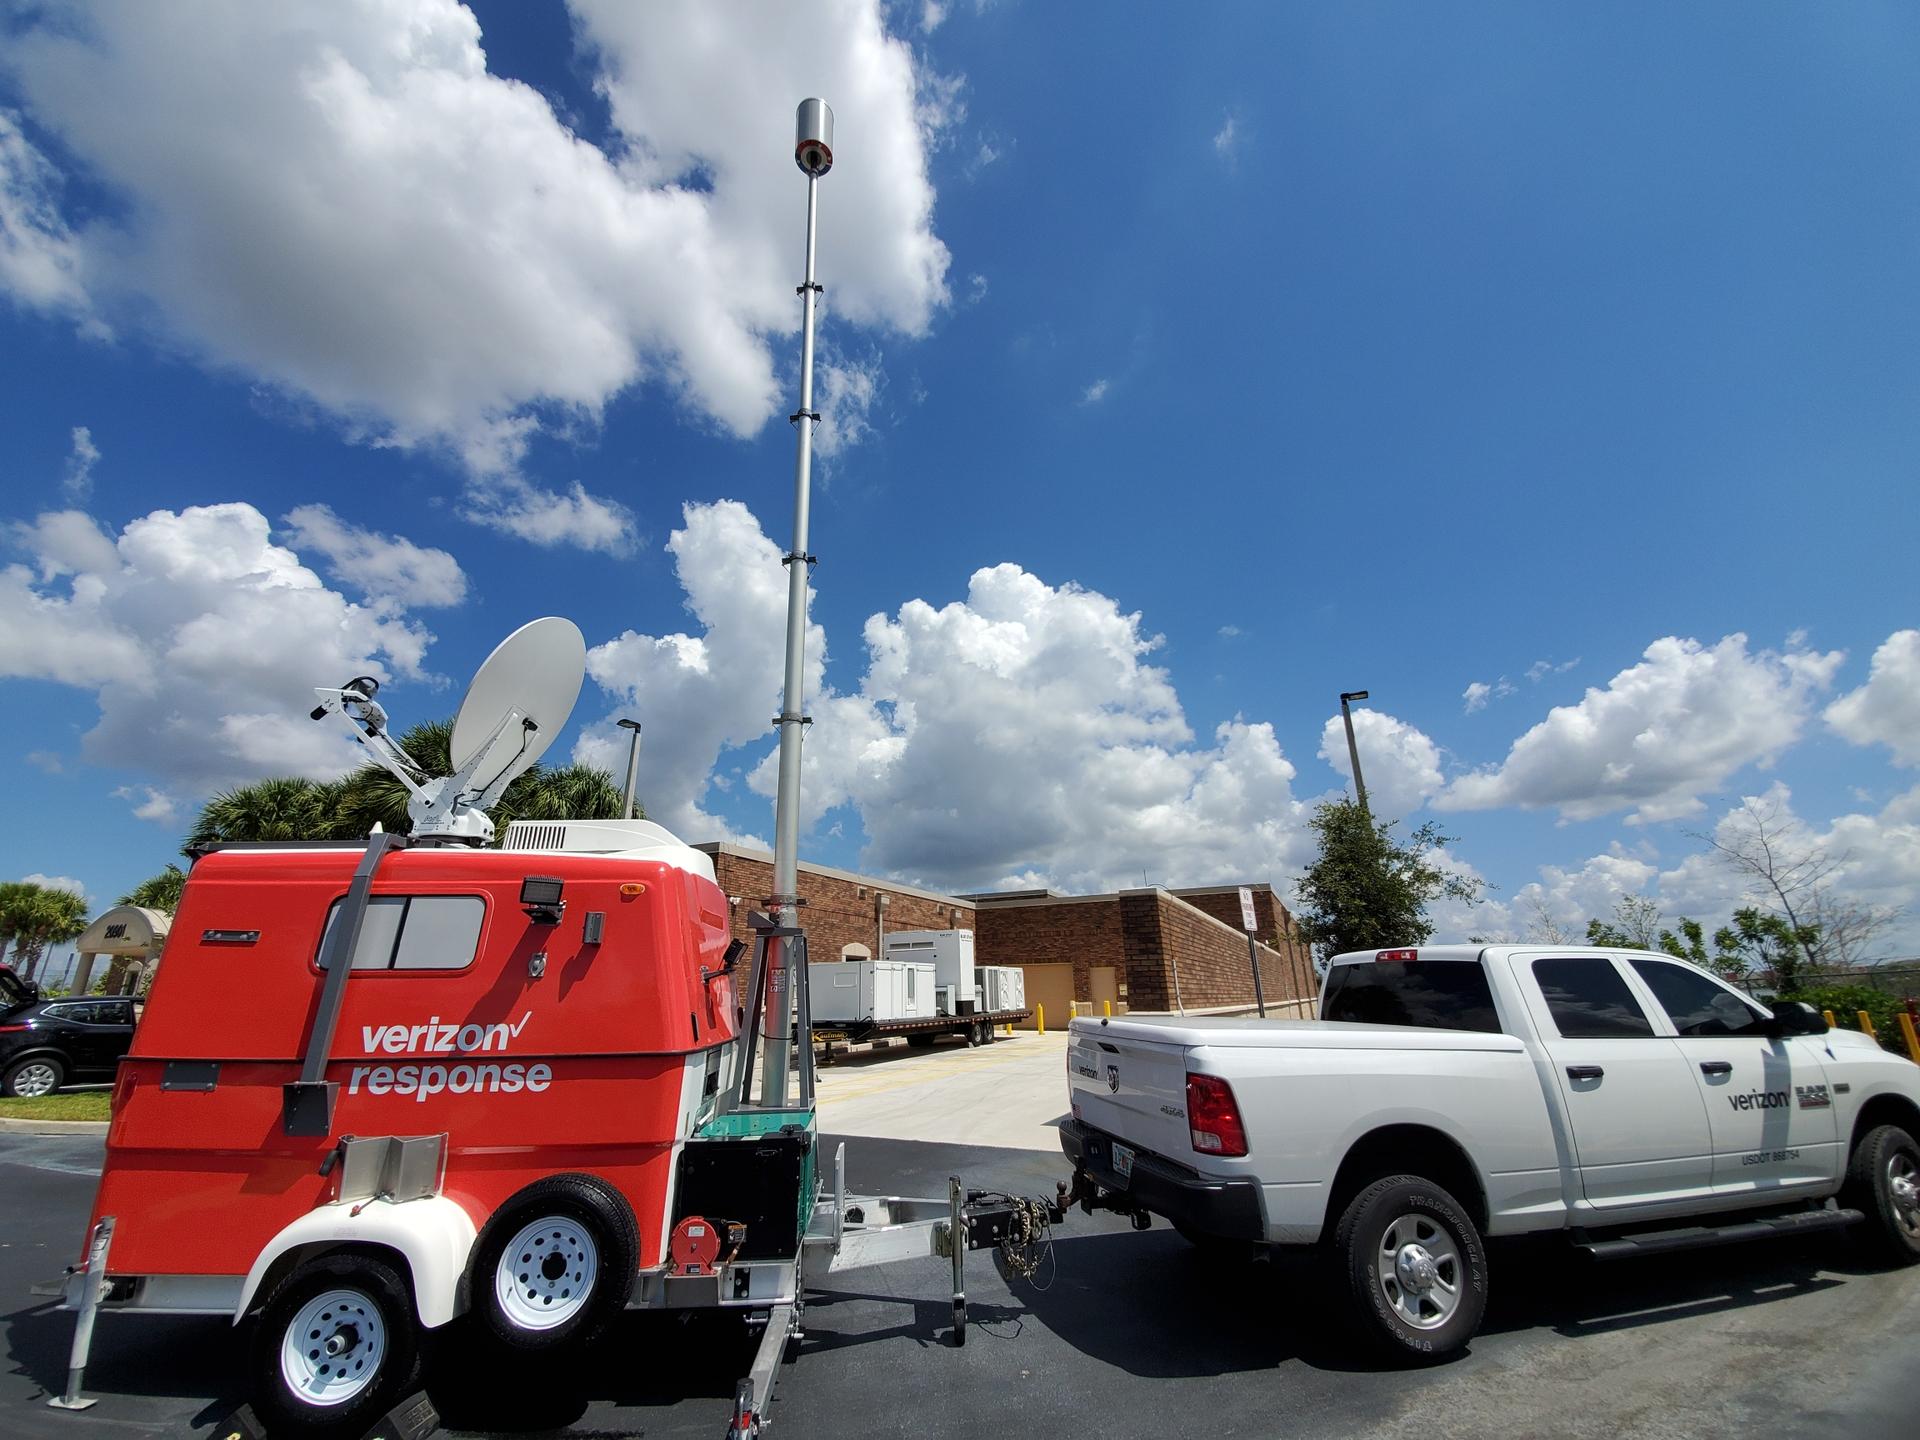 Verizon Response SPOT (satellite picocell on a trailer)